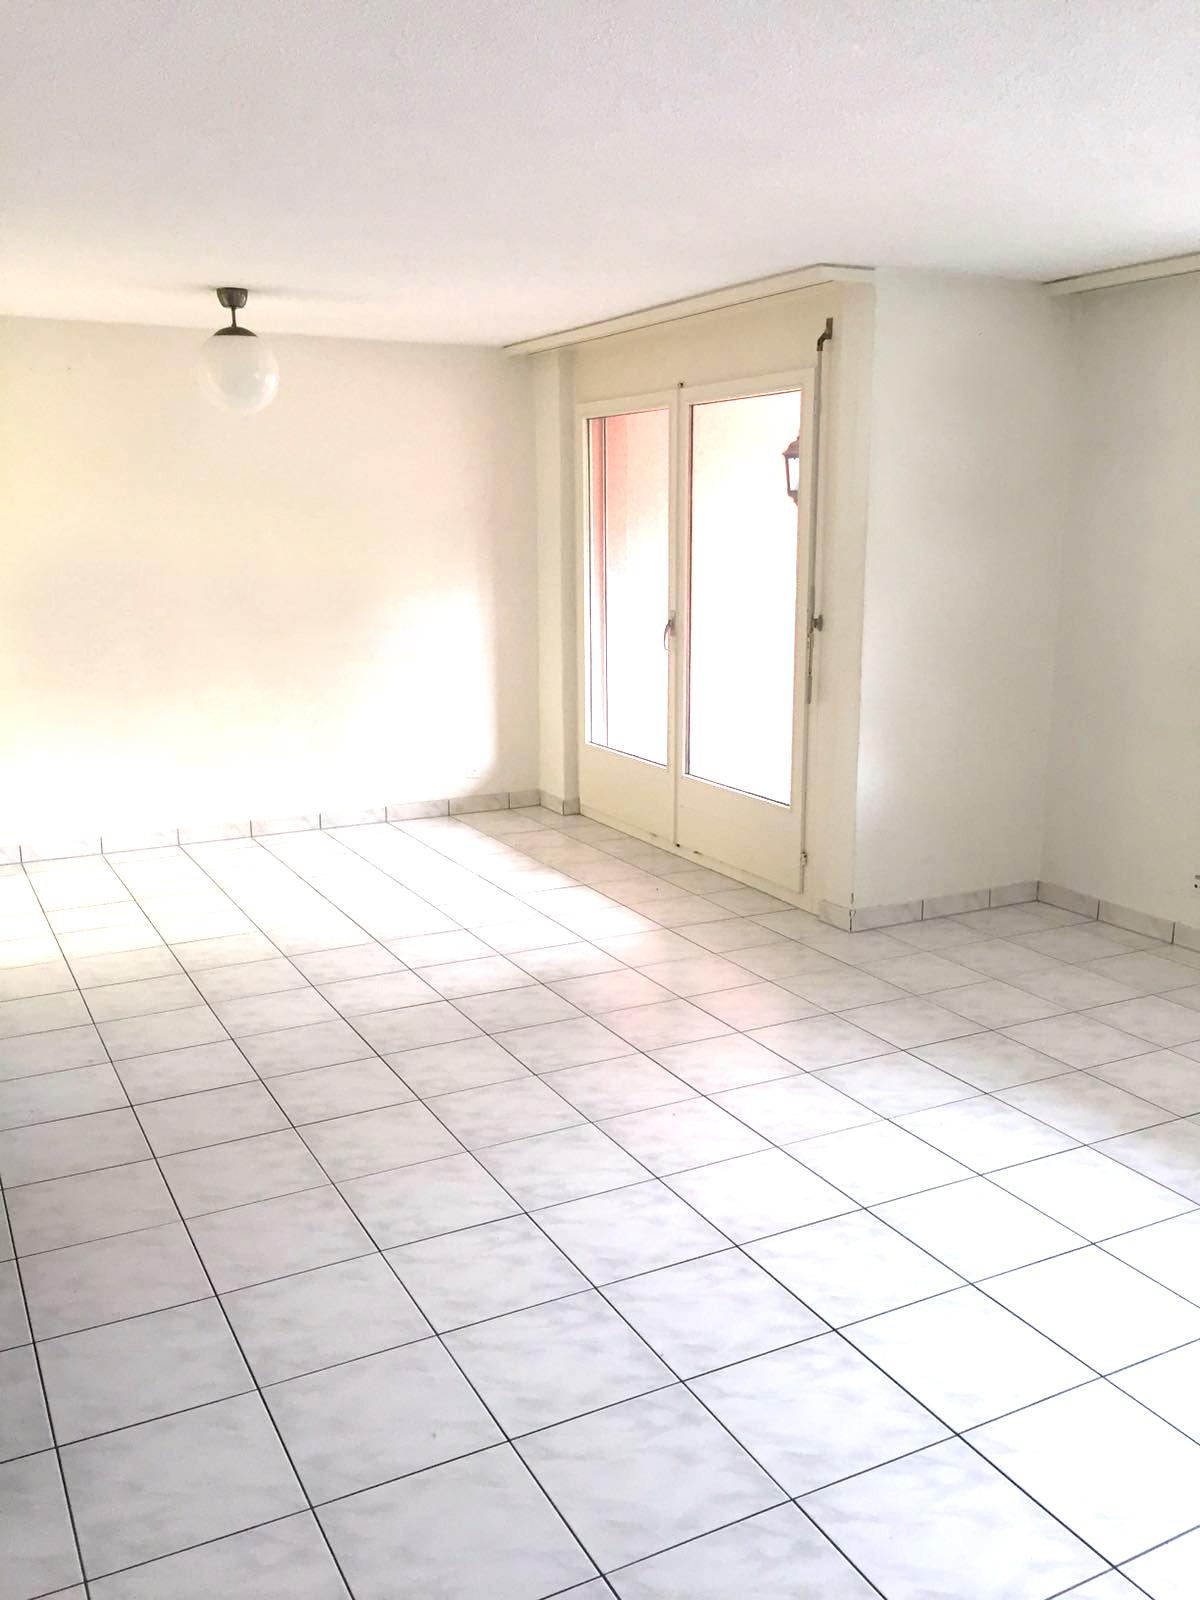 zu vermieten im Zentrum von Adligenswil 4 5 Zimmer Wohnung